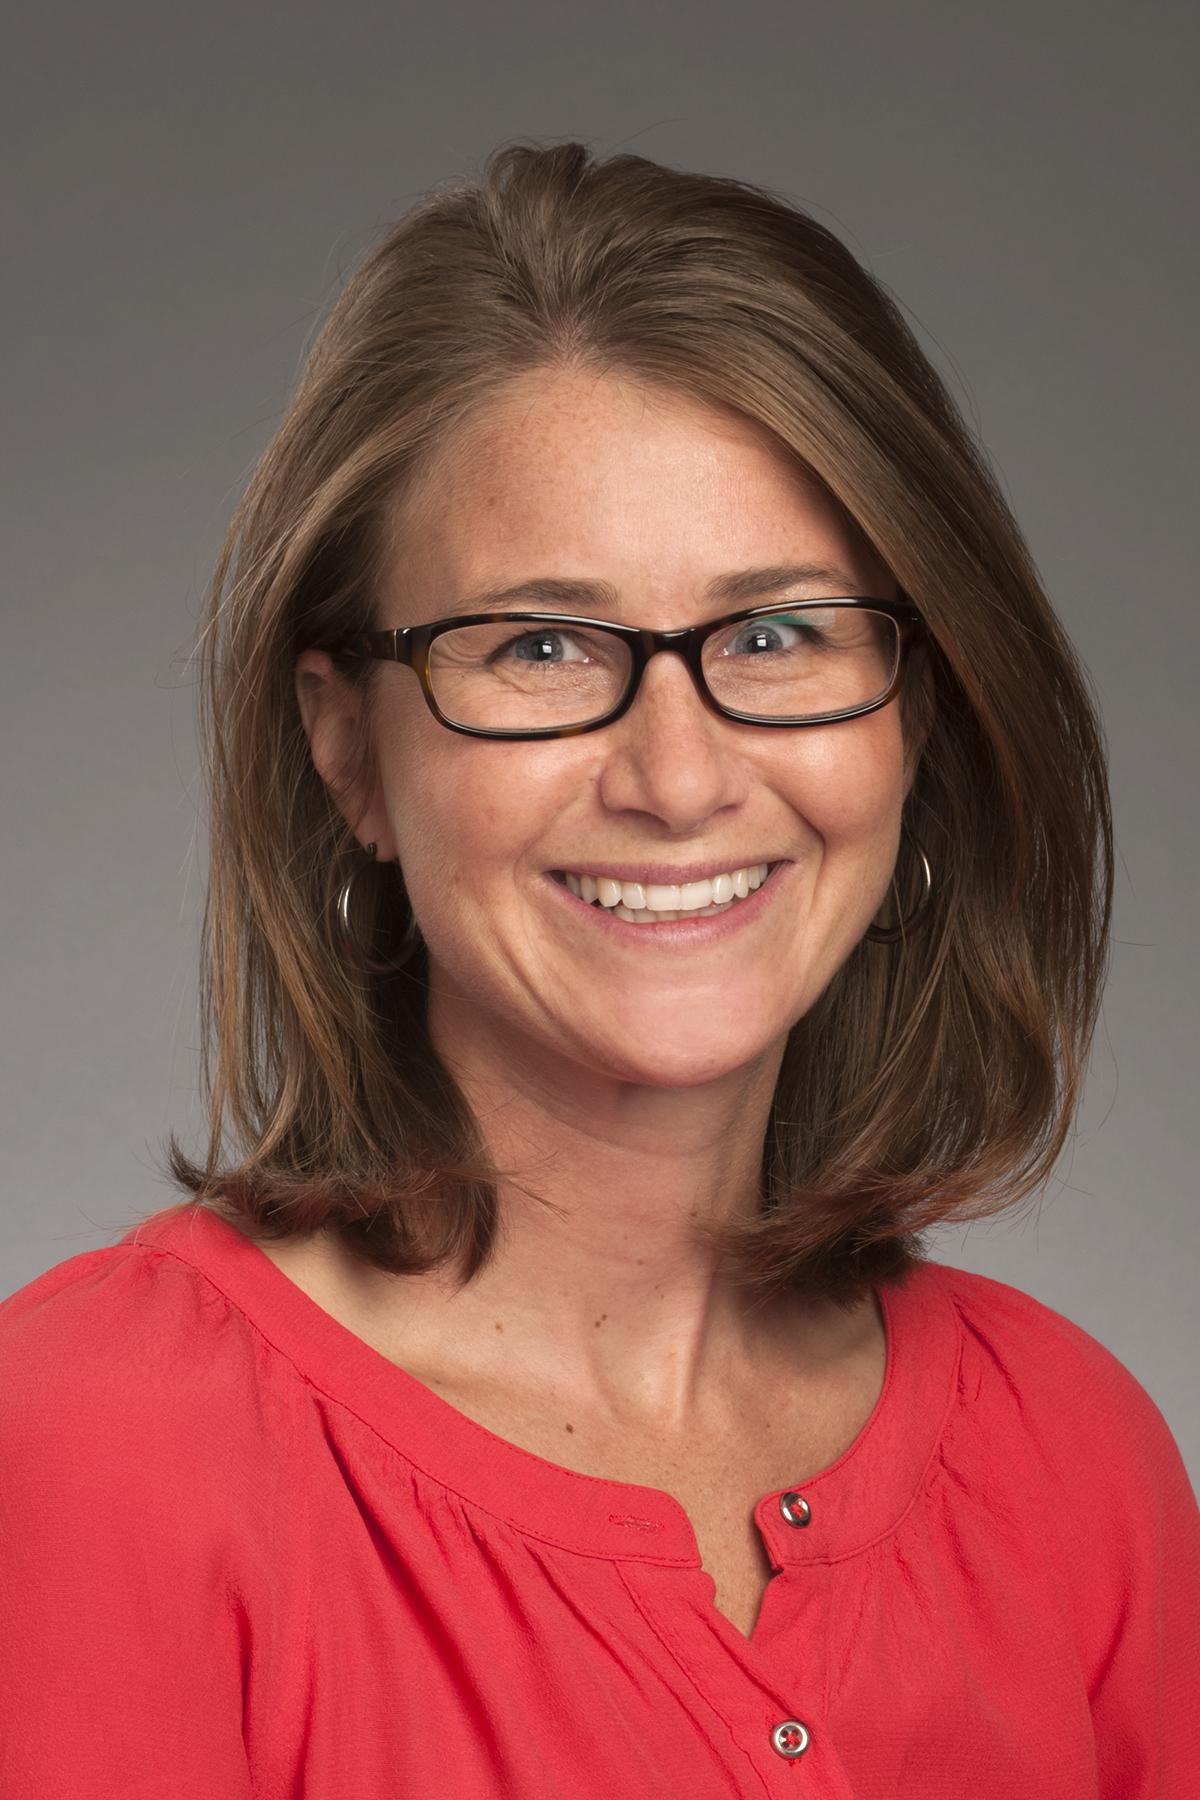 Visit Profile of Raissa M. Miller